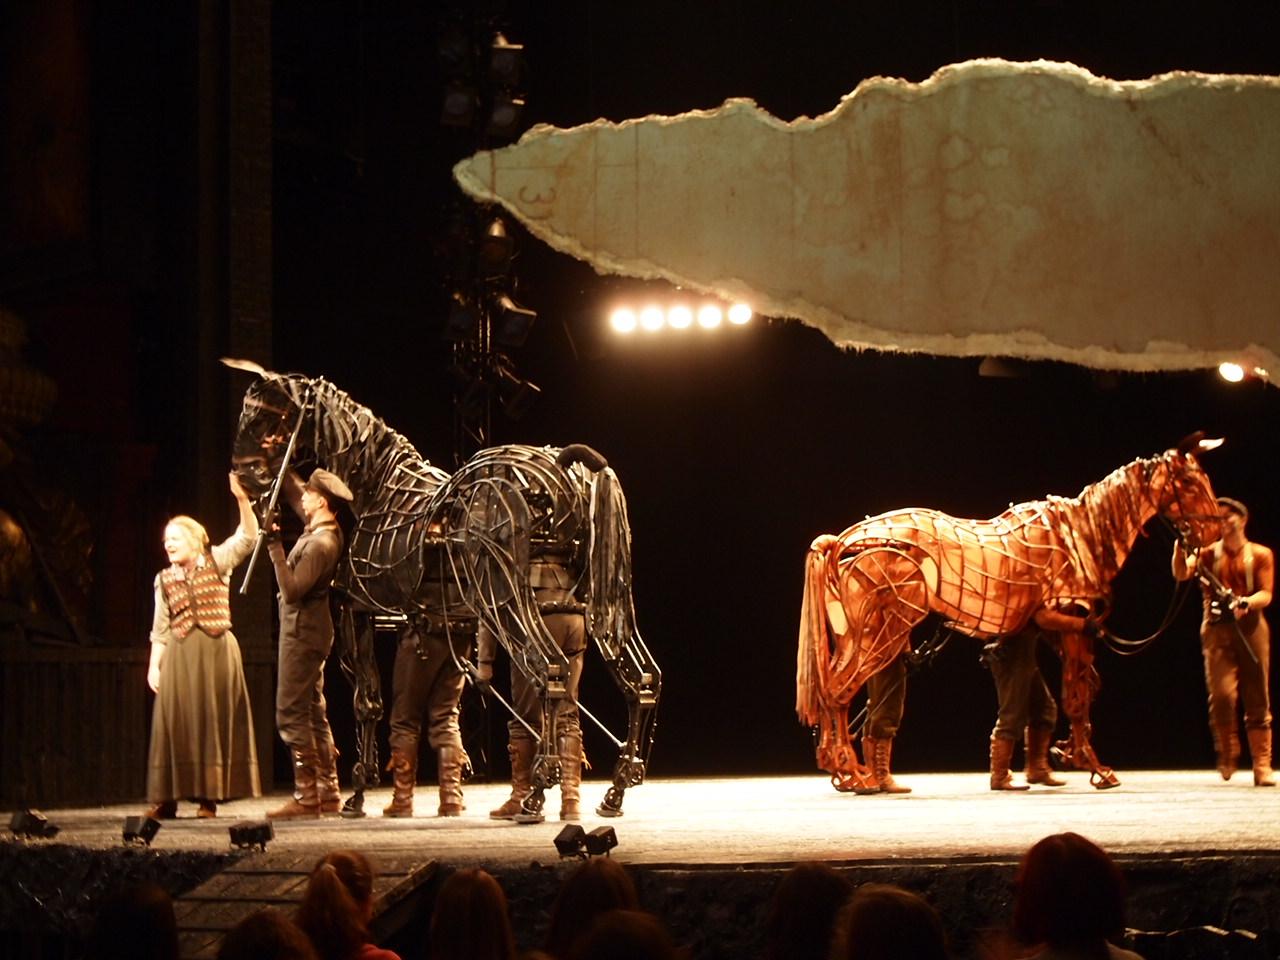 ベルリン演劇「戦火の馬」、幕後に衝撃の展開が待っていた!?